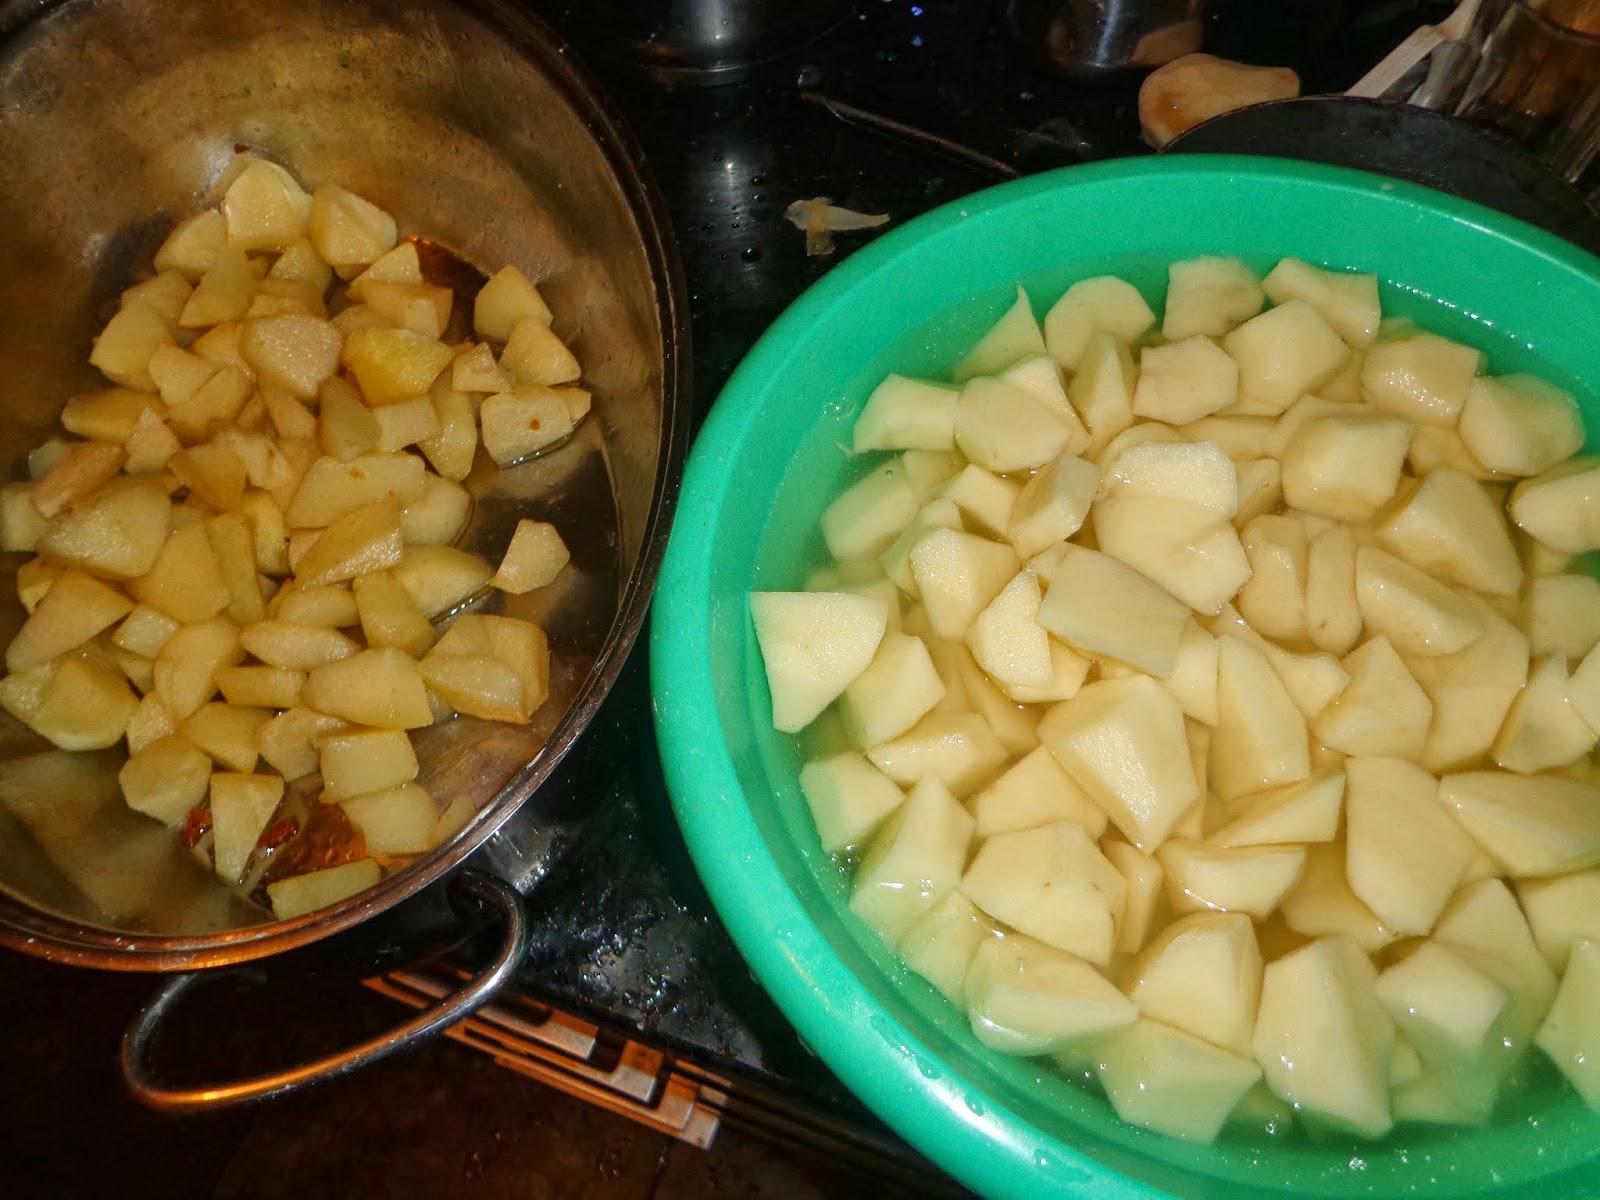 Conservas caseras patatas fritas - Se pueden congelar las almejas crudas ...